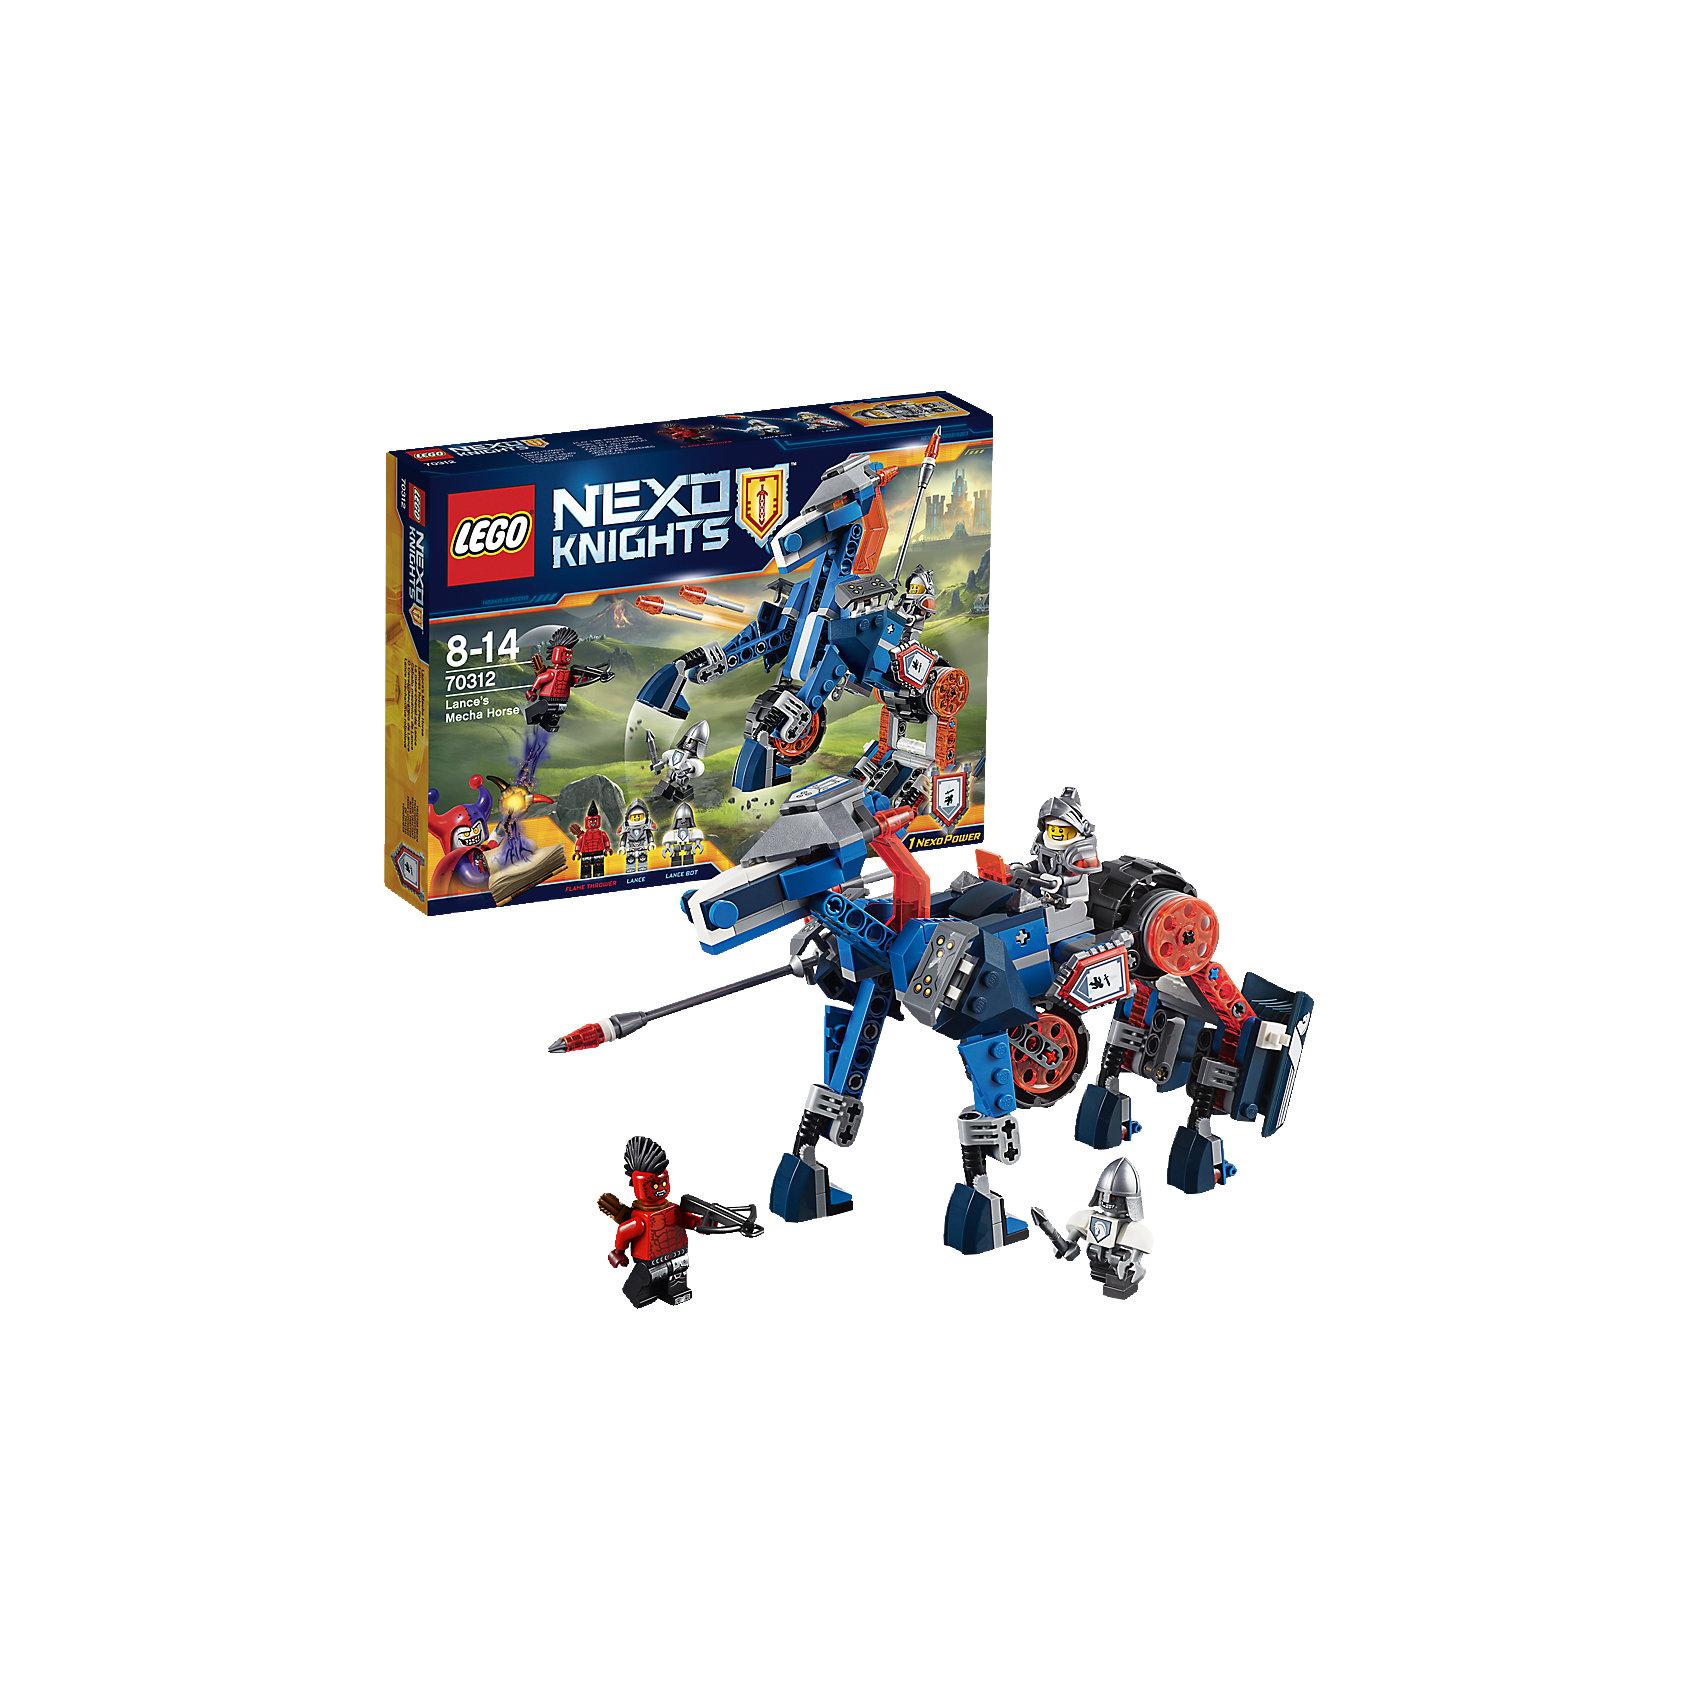 LEGO NEXO KNIGHTS 70312: Ланс и его механический коньОседлай и отправь в бой механического коня Ланса 2-в-1! Сразись со зловещим Огнеметателем в виде коня или используй возможность перестроить коня в супер-скоростной автомобиль. Помоги NEXO рыцарю Лансу победить врага при помощи реактивных ракет или отправь в гущу событий испытанного временем бота Ланса,а потом, можешь взять себе его славу! В набор входит щит для сканирования с NEXO Силой - Притягивающий луч.<br><br>LEGO Nexo Knights ( ЛЕГО Нексо Найт) - это невероятный мир прогресса и новых технологий, в котором все же нашлось место для настоящих рыцарей, магии и волшебства. Удивительное сочетание футуризма и средневековой романтики увлекает и детей, и взрослых, а множество наборов серии и высокая детализация позволяют создать свой волшебный мир Nexo Knights!<br><br>Дополнительная информация:<br><br>- Конструкторы ЛЕГО развивают усидчивость, внимание, фантазию и мелкую моторику. <br>- 3 фигурки: Ланс Ричмонд, бот-оруженосец  Деннис и Огнеметатель.<br>- Комплектация: 3 фигурки, щит для сканирования, механический конь (перестаивается в автомобиль), аксессуары. <br>- Количество деталей: 237.<br>- Серия LEGO Nexo Knights (ЛЕГО Нексо Найт).<br>- Материал: пластик.<br>- Размер механического коня в собранном виде:  14х23х11 см.<br>- Размер скоростного автомобиля: 9х25х11 см.<br>- Размер упаковки: 26х4,6х19 см.<br>- Вес: 0.281 кг.<br><br>LEGO NEXO KNIGHTS 70312: Ланс и его механический конь можно купить в нашем магазине.<br><br>Ширина мм: 262<br>Глубина мм: 189<br>Высота мм: 49<br>Вес г: 323<br>Возраст от месяцев: 96<br>Возраст до месяцев: 168<br>Пол: Мужской<br>Возраст: Детский<br>SKU: 4258997